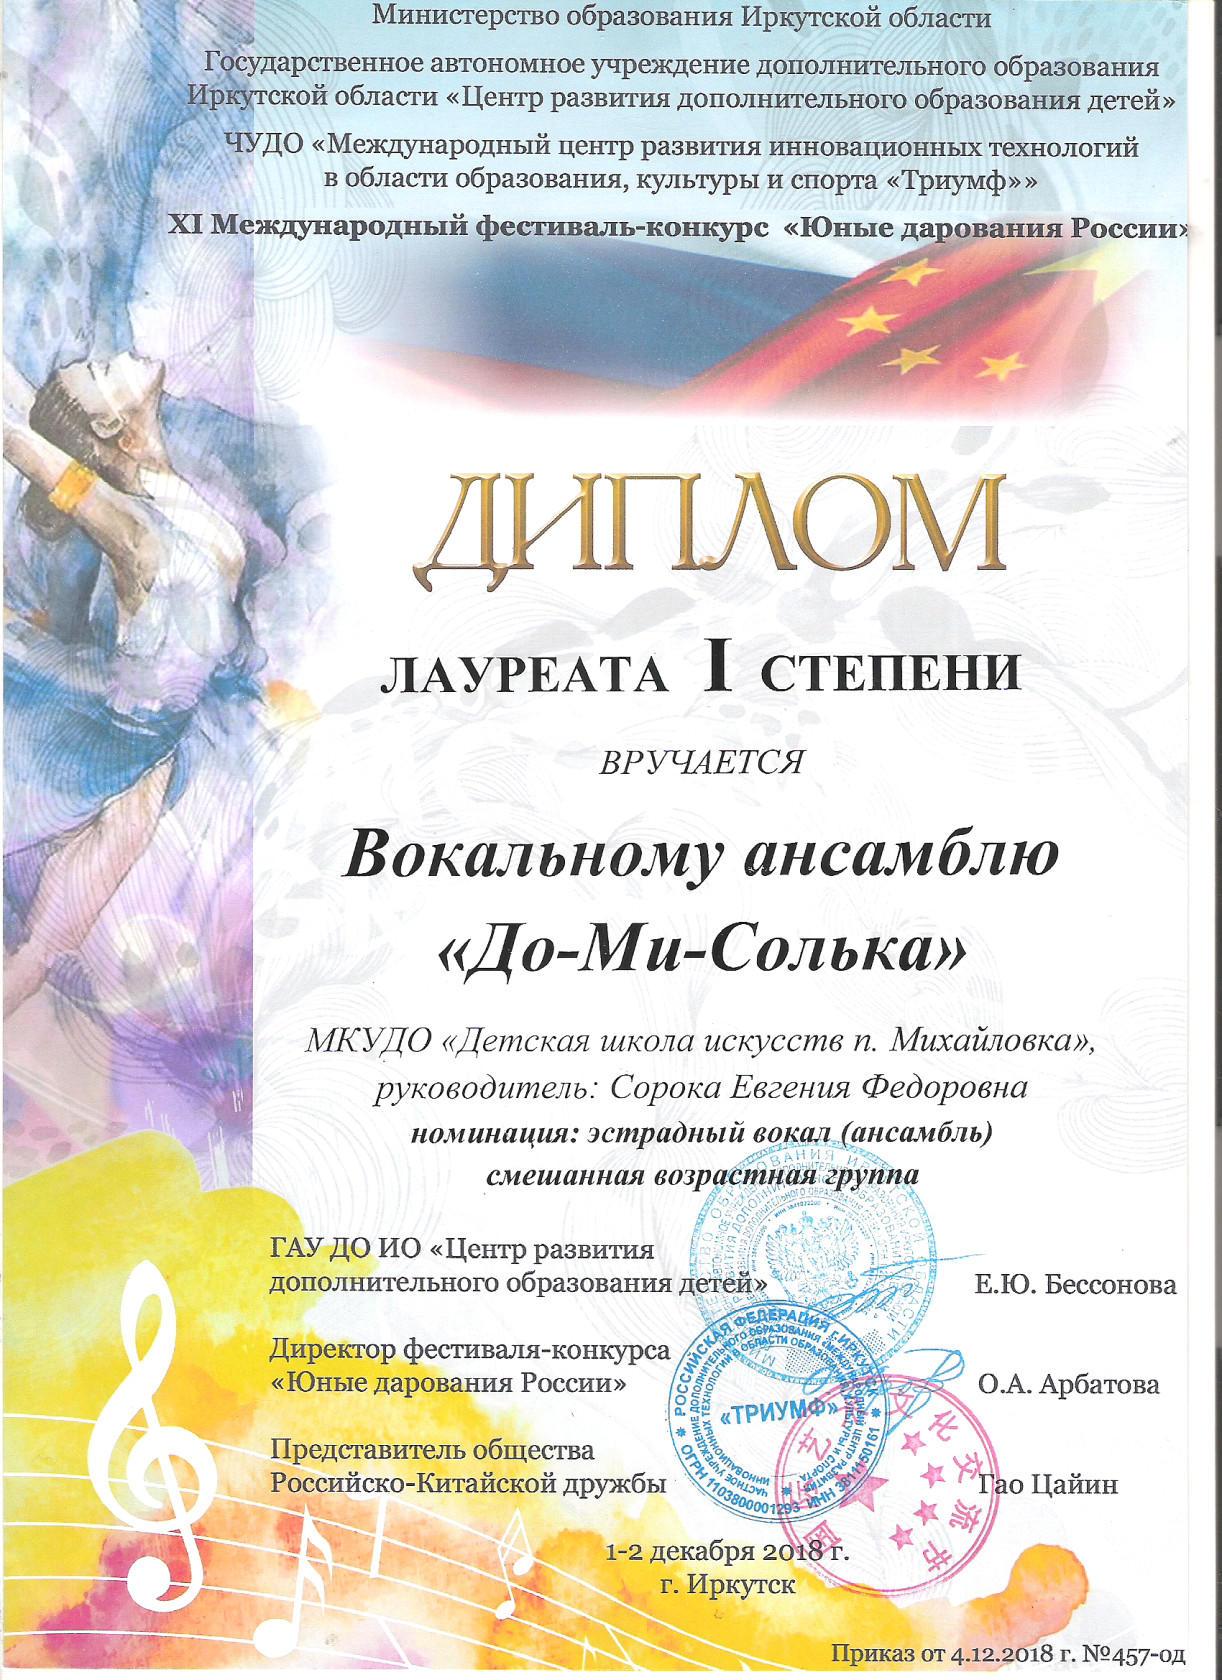 Юные дарования России